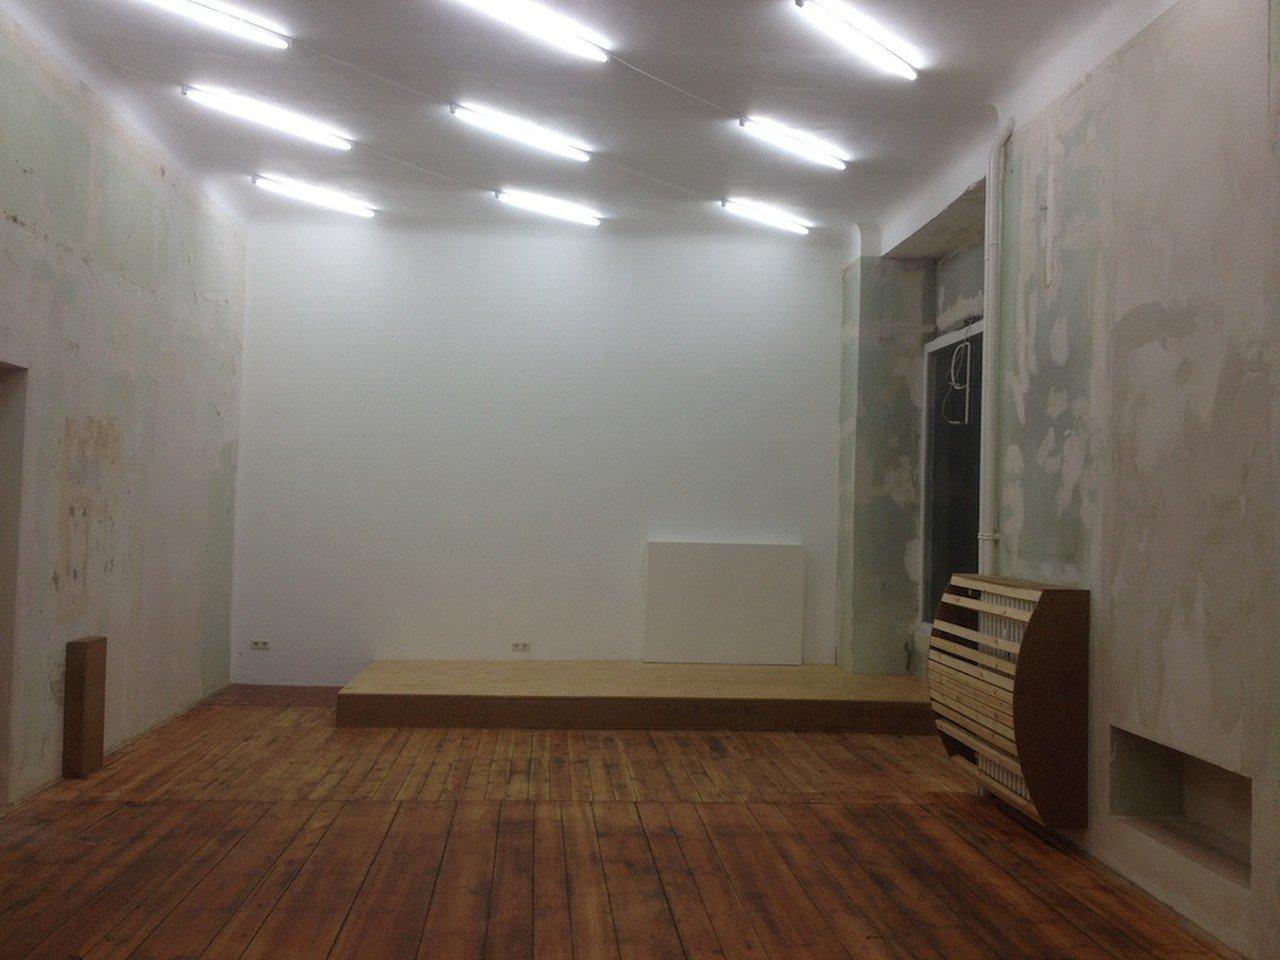 Berlin seminar rooms Besonders povvera image 1